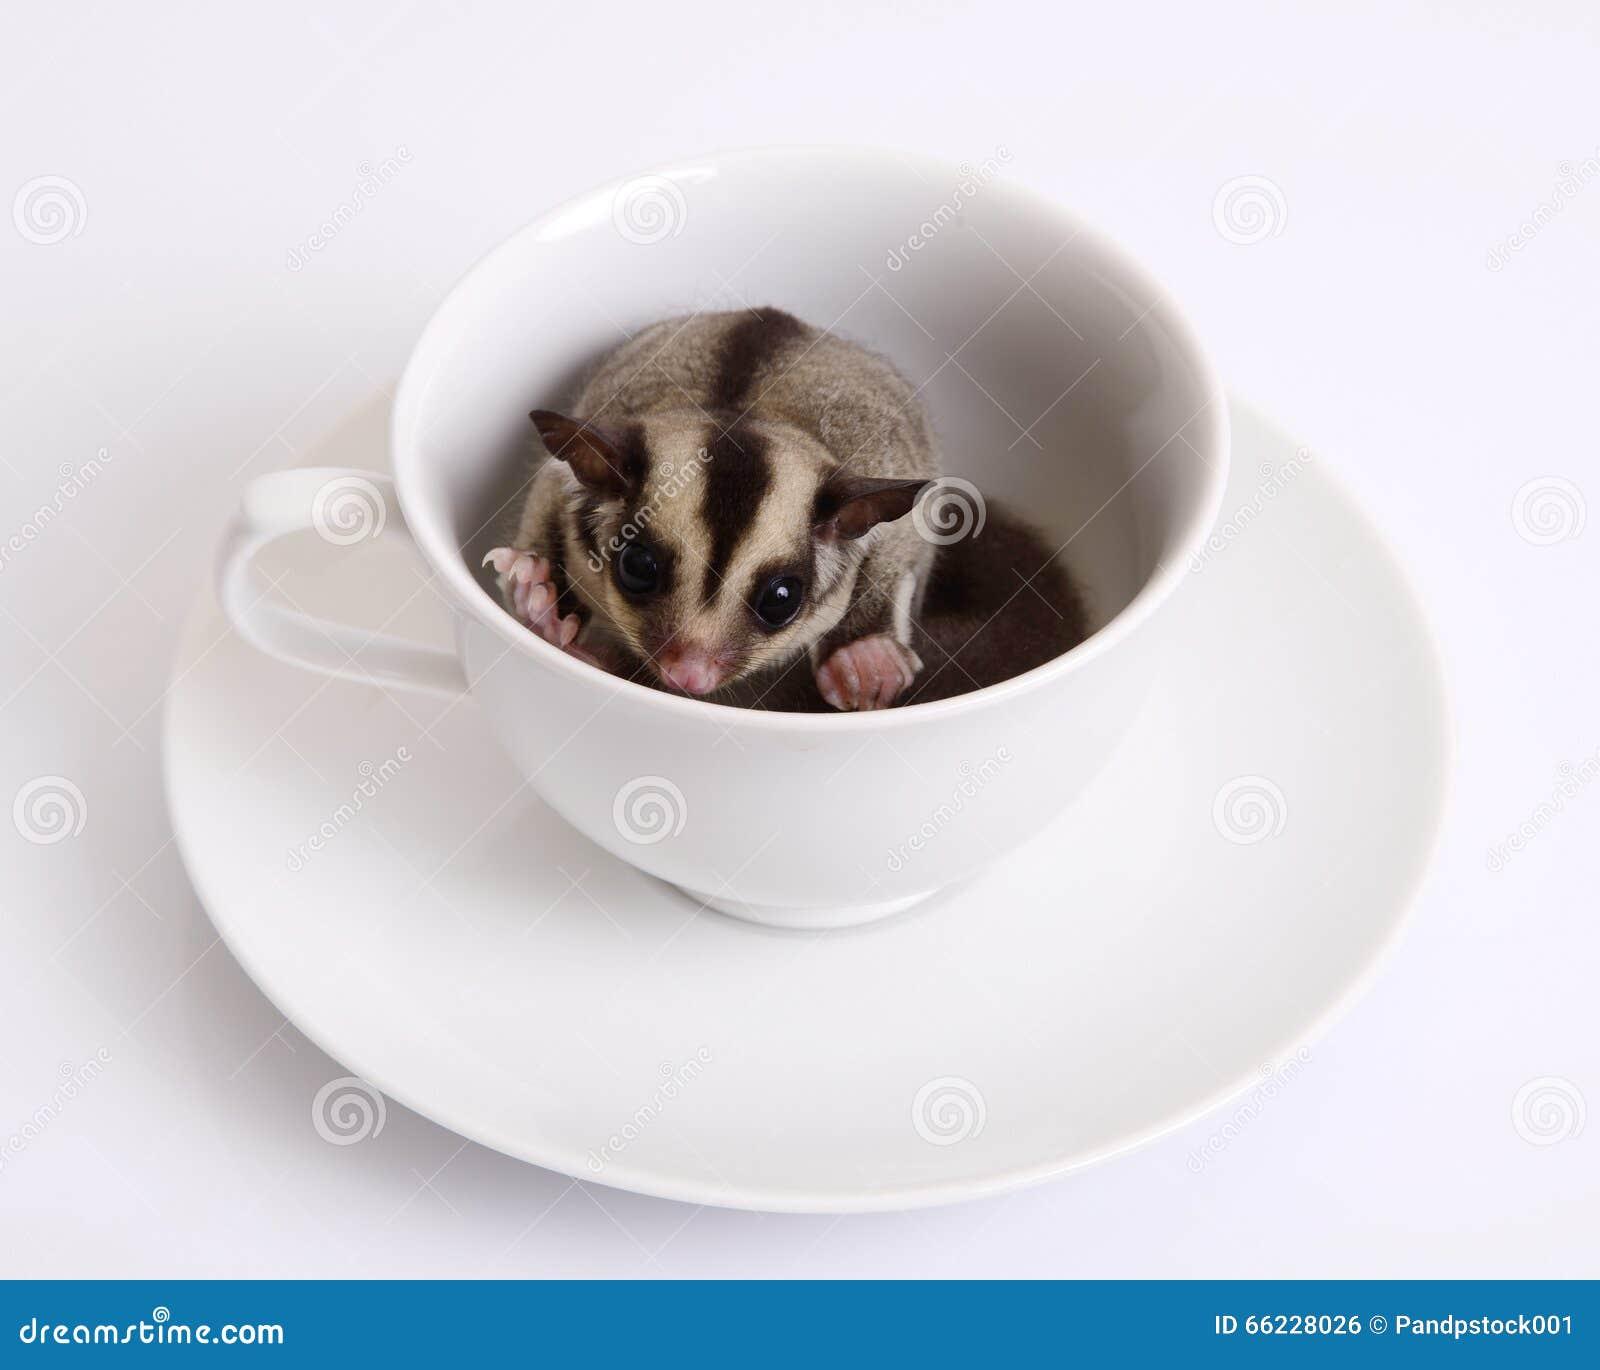 Esquilo de voo ou Sugarglider em uma xícara de café cerâmica